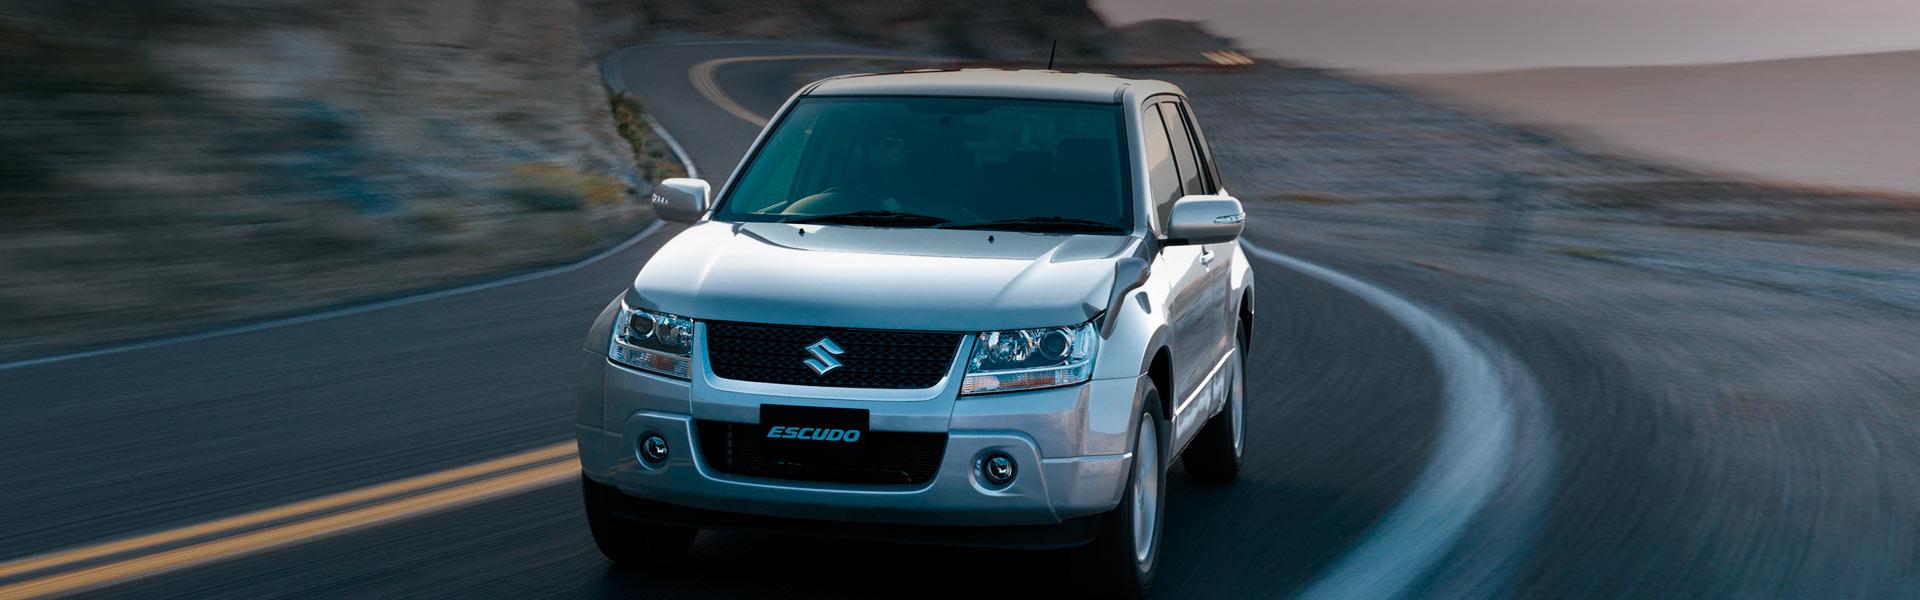 Запчасти на Suzuki Escudo